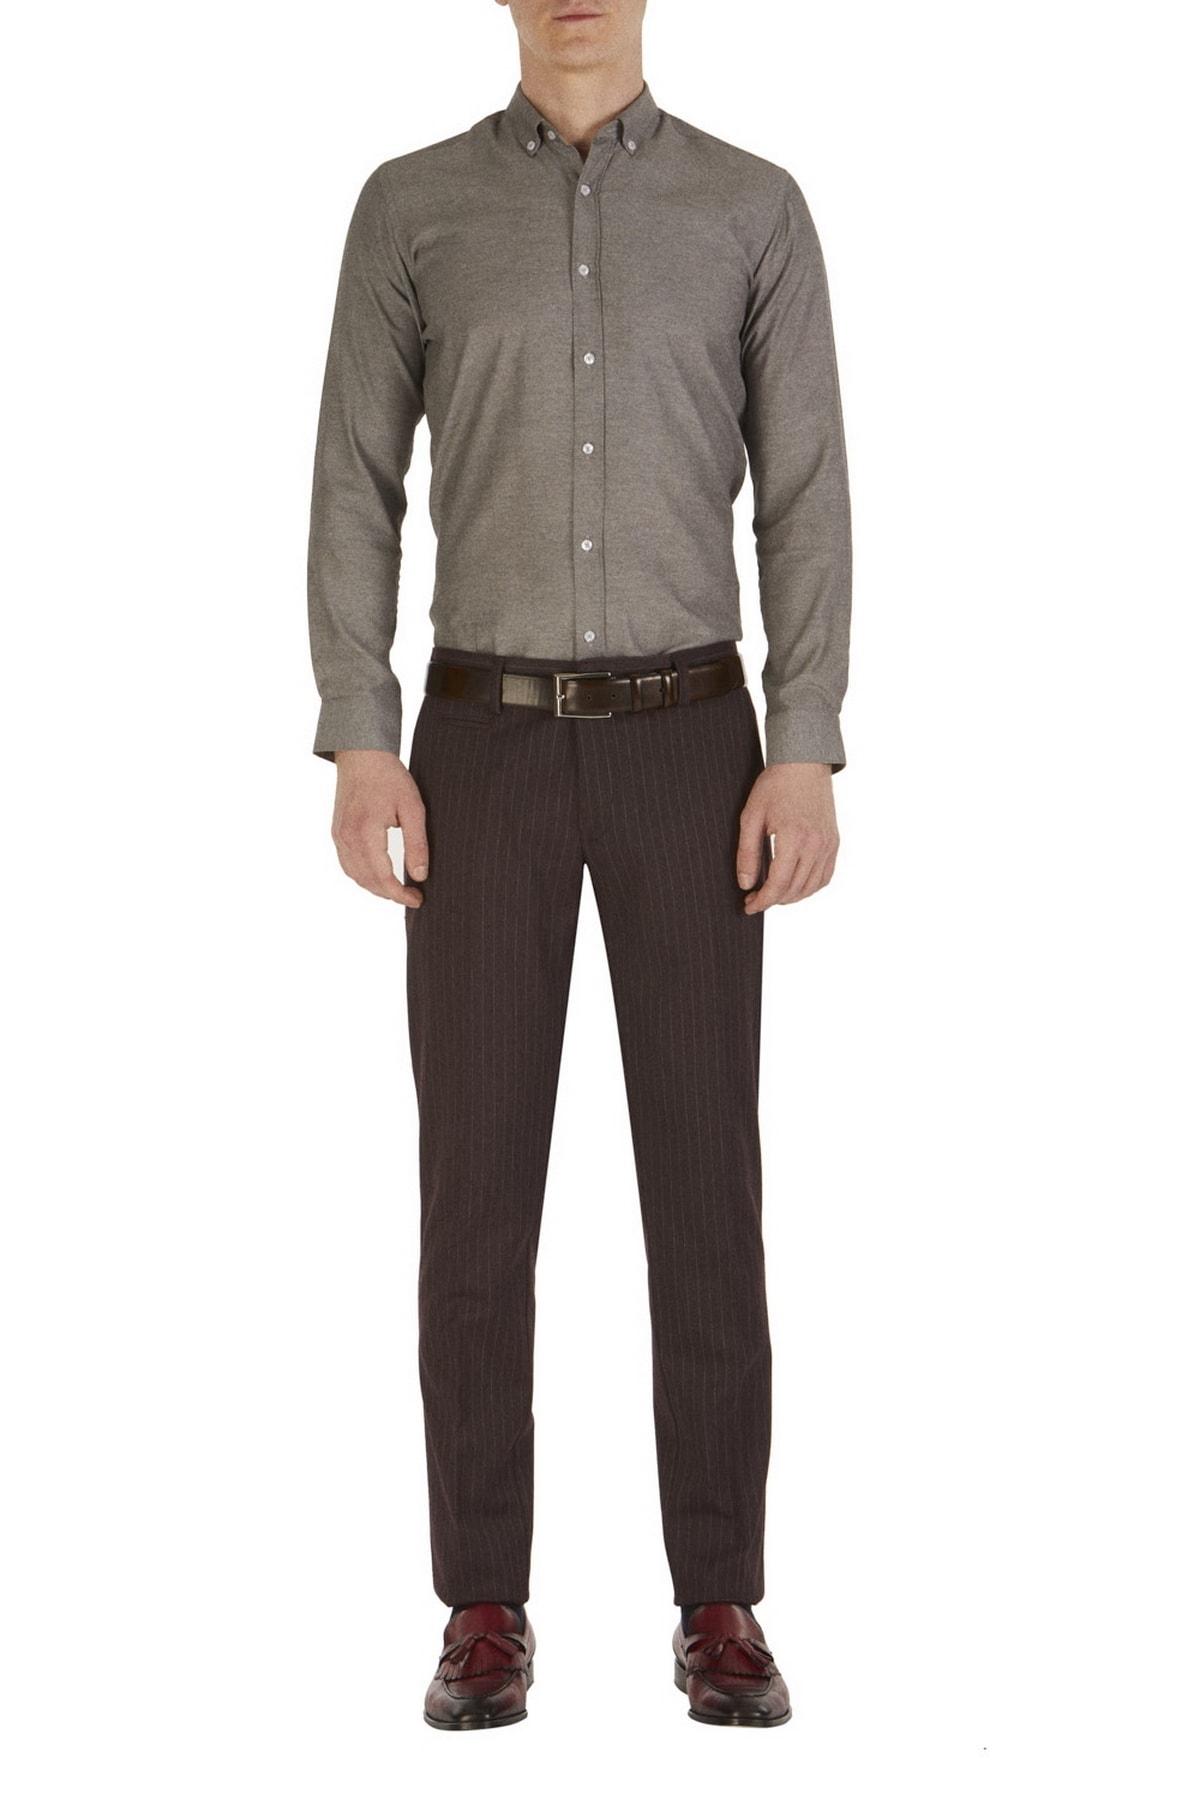 Efor P 1054 Slim Fit Bordo Klasik Pantolon 1